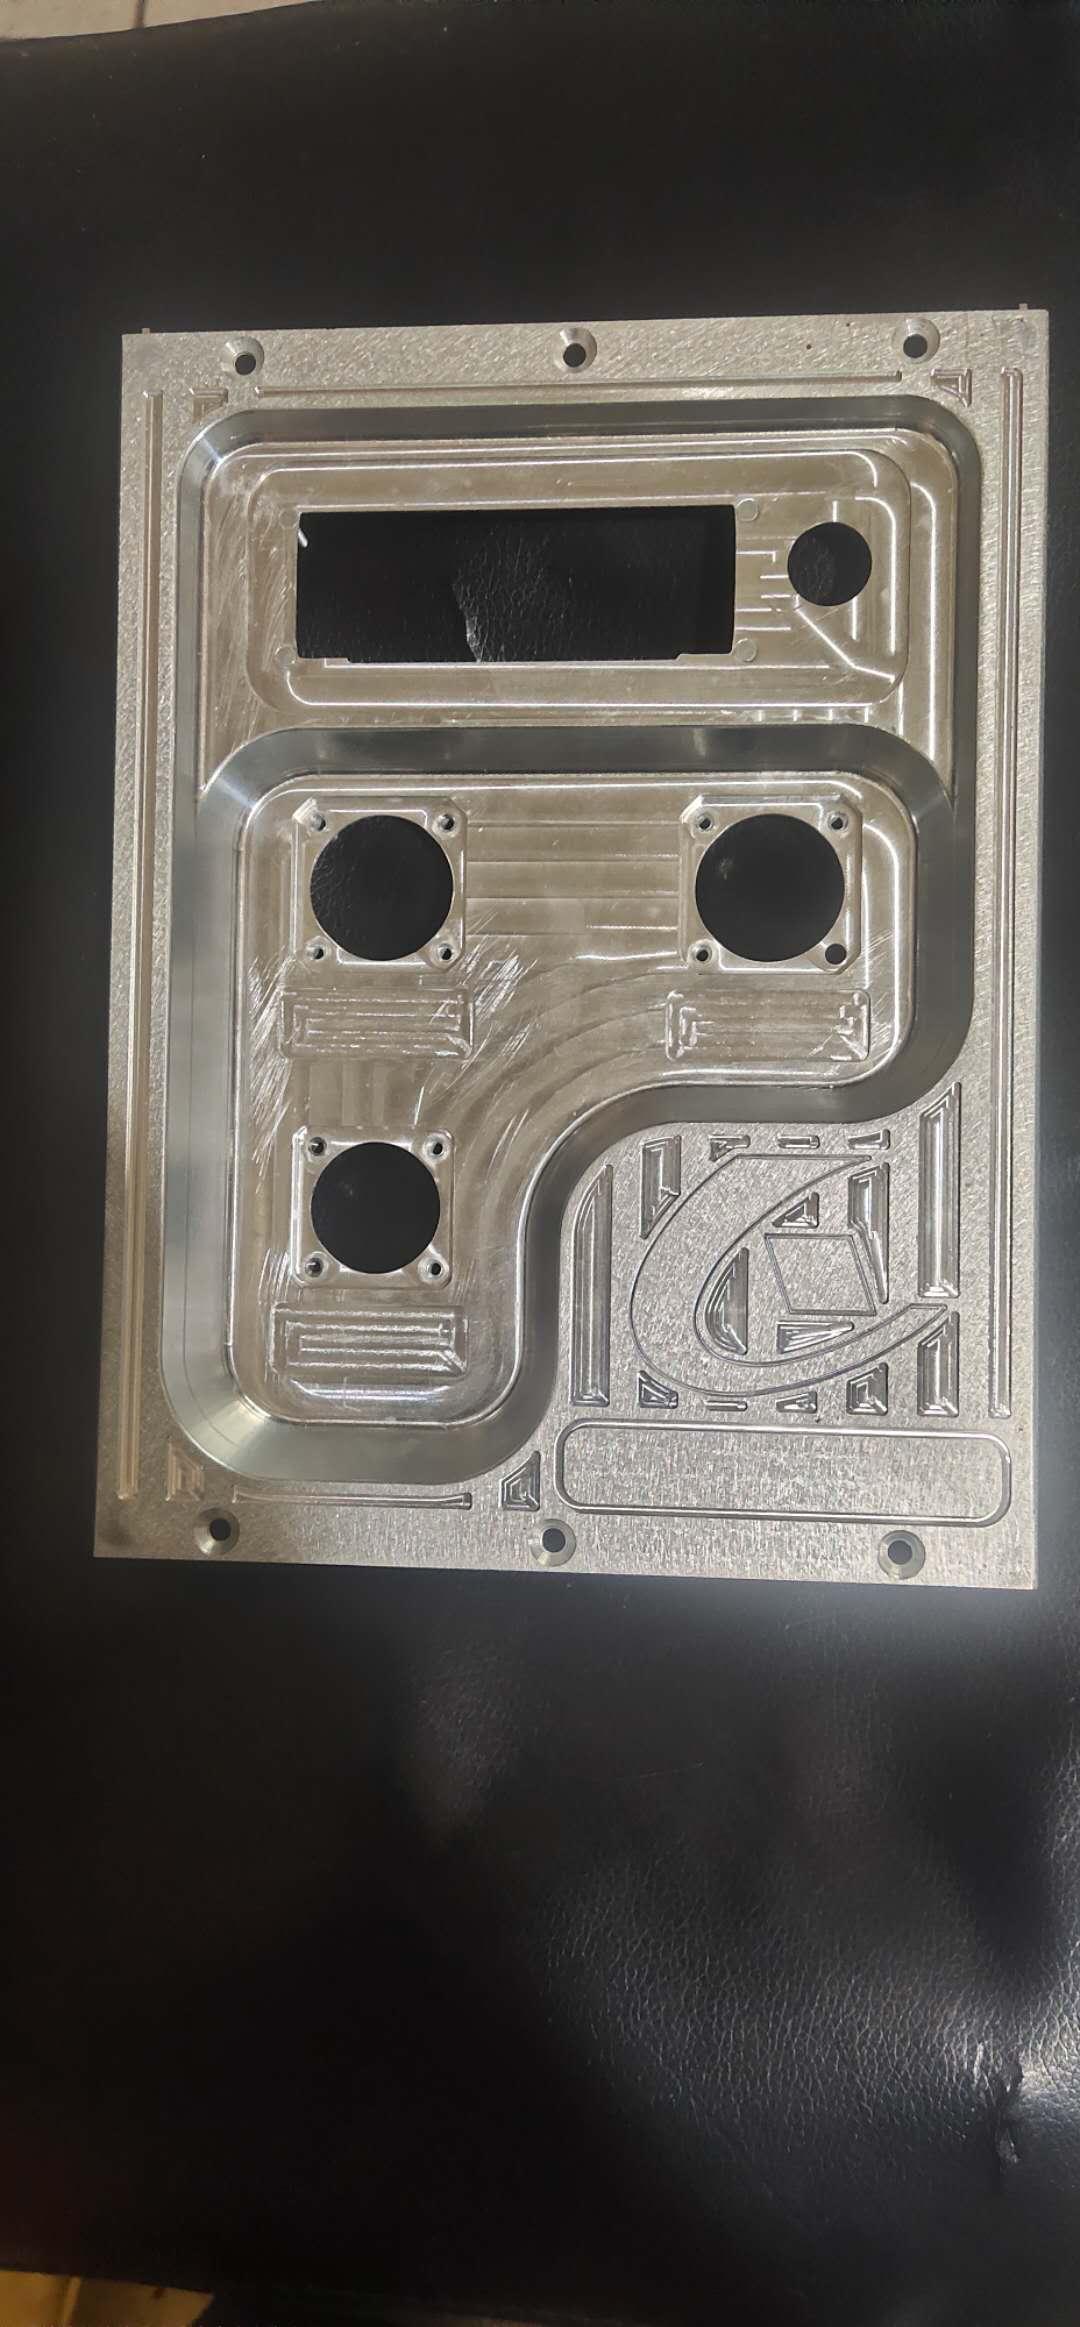 河北铝面板厂家,铝面板多少钱,铝面板加工,良博科技